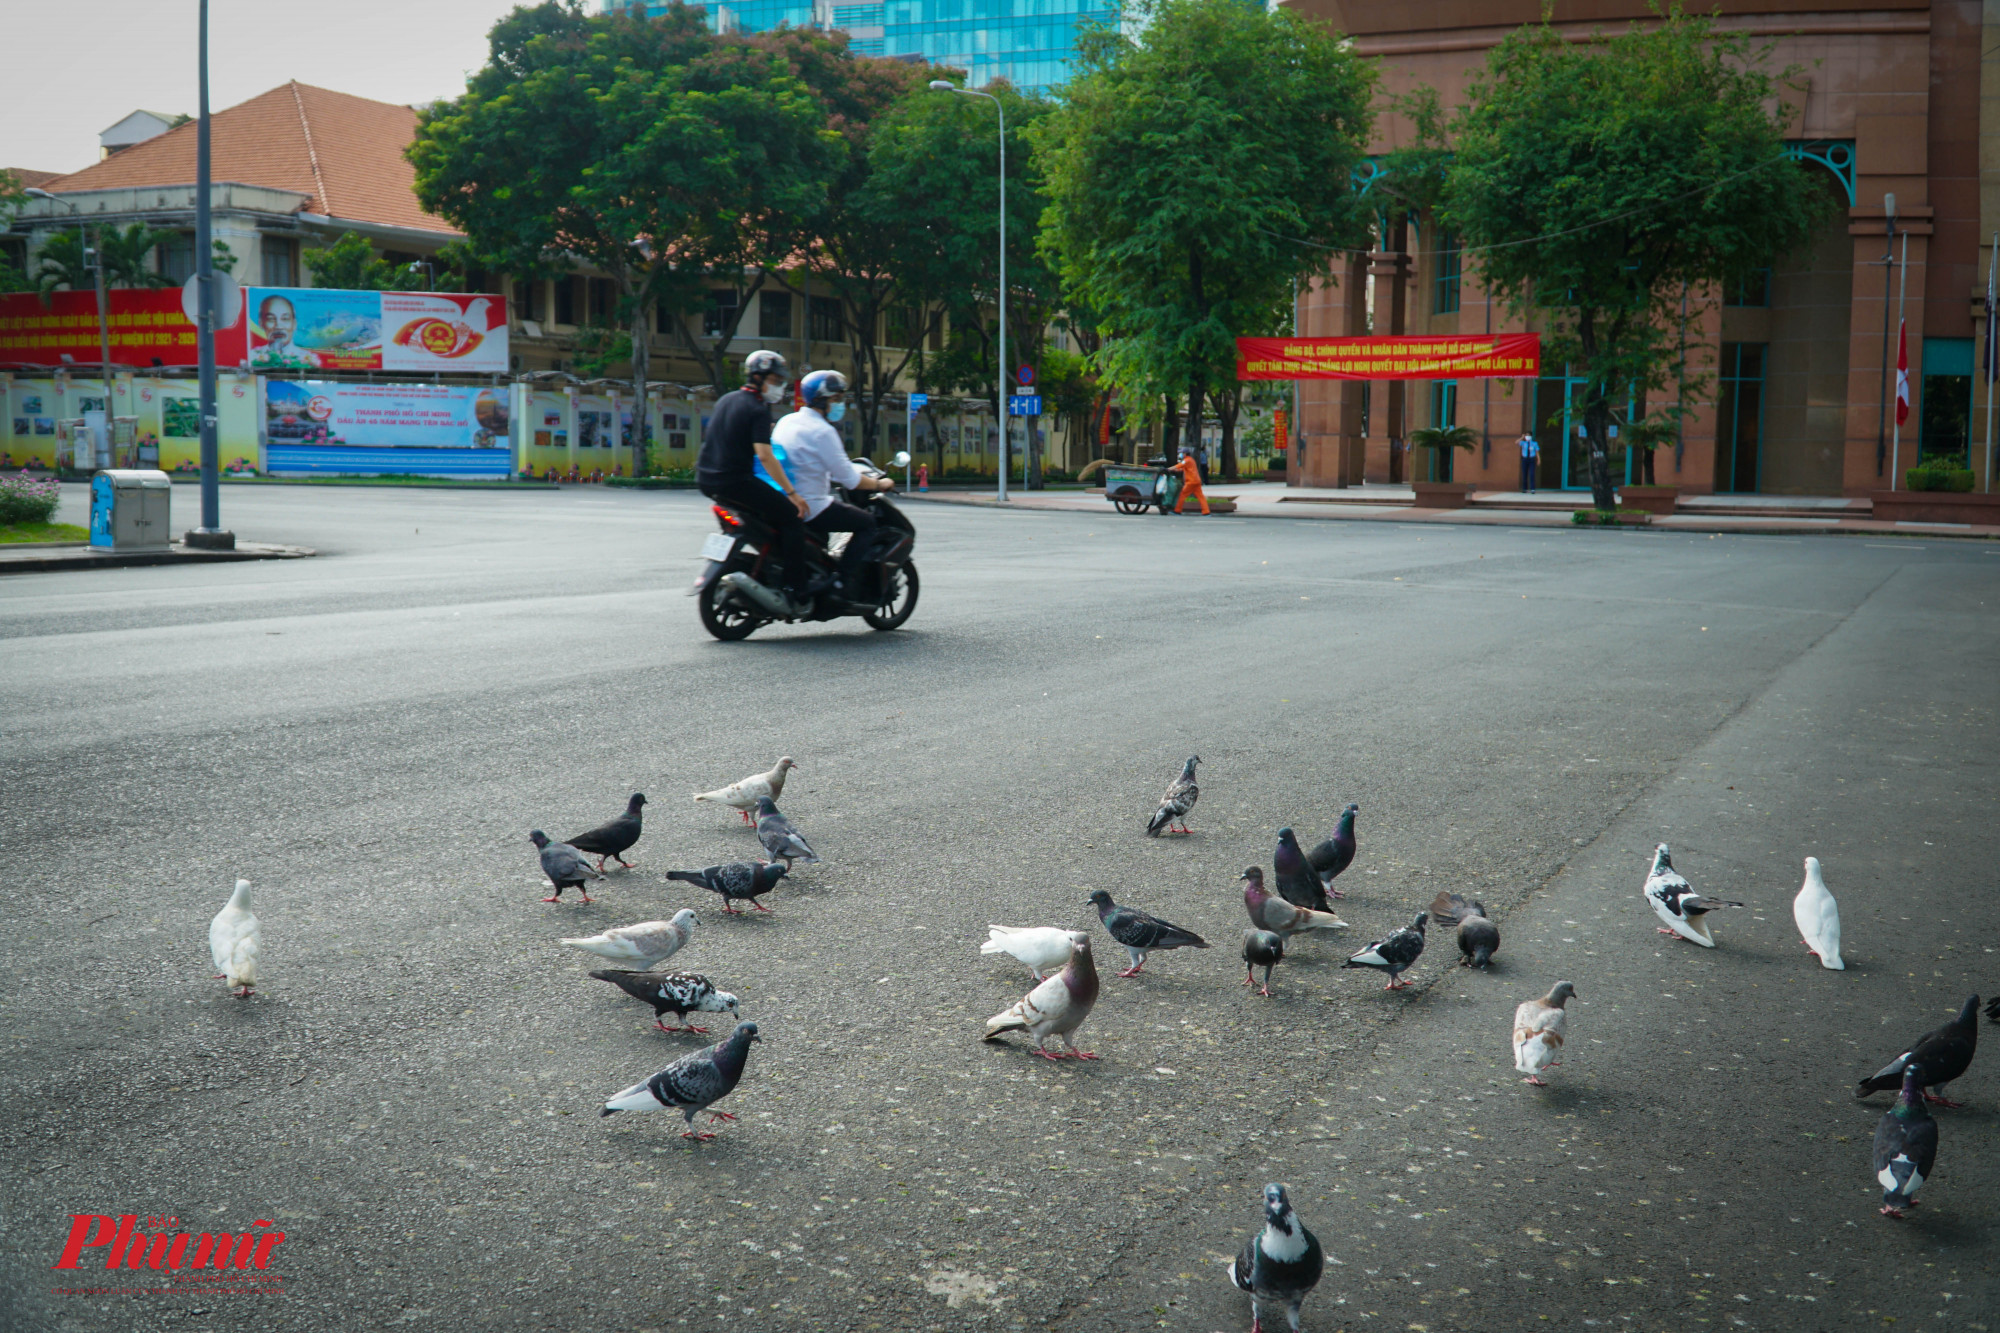 Nhiều người tỏ ra khá thích thú khi đến rất gần mà những chú chim bồ câu không hề sợ